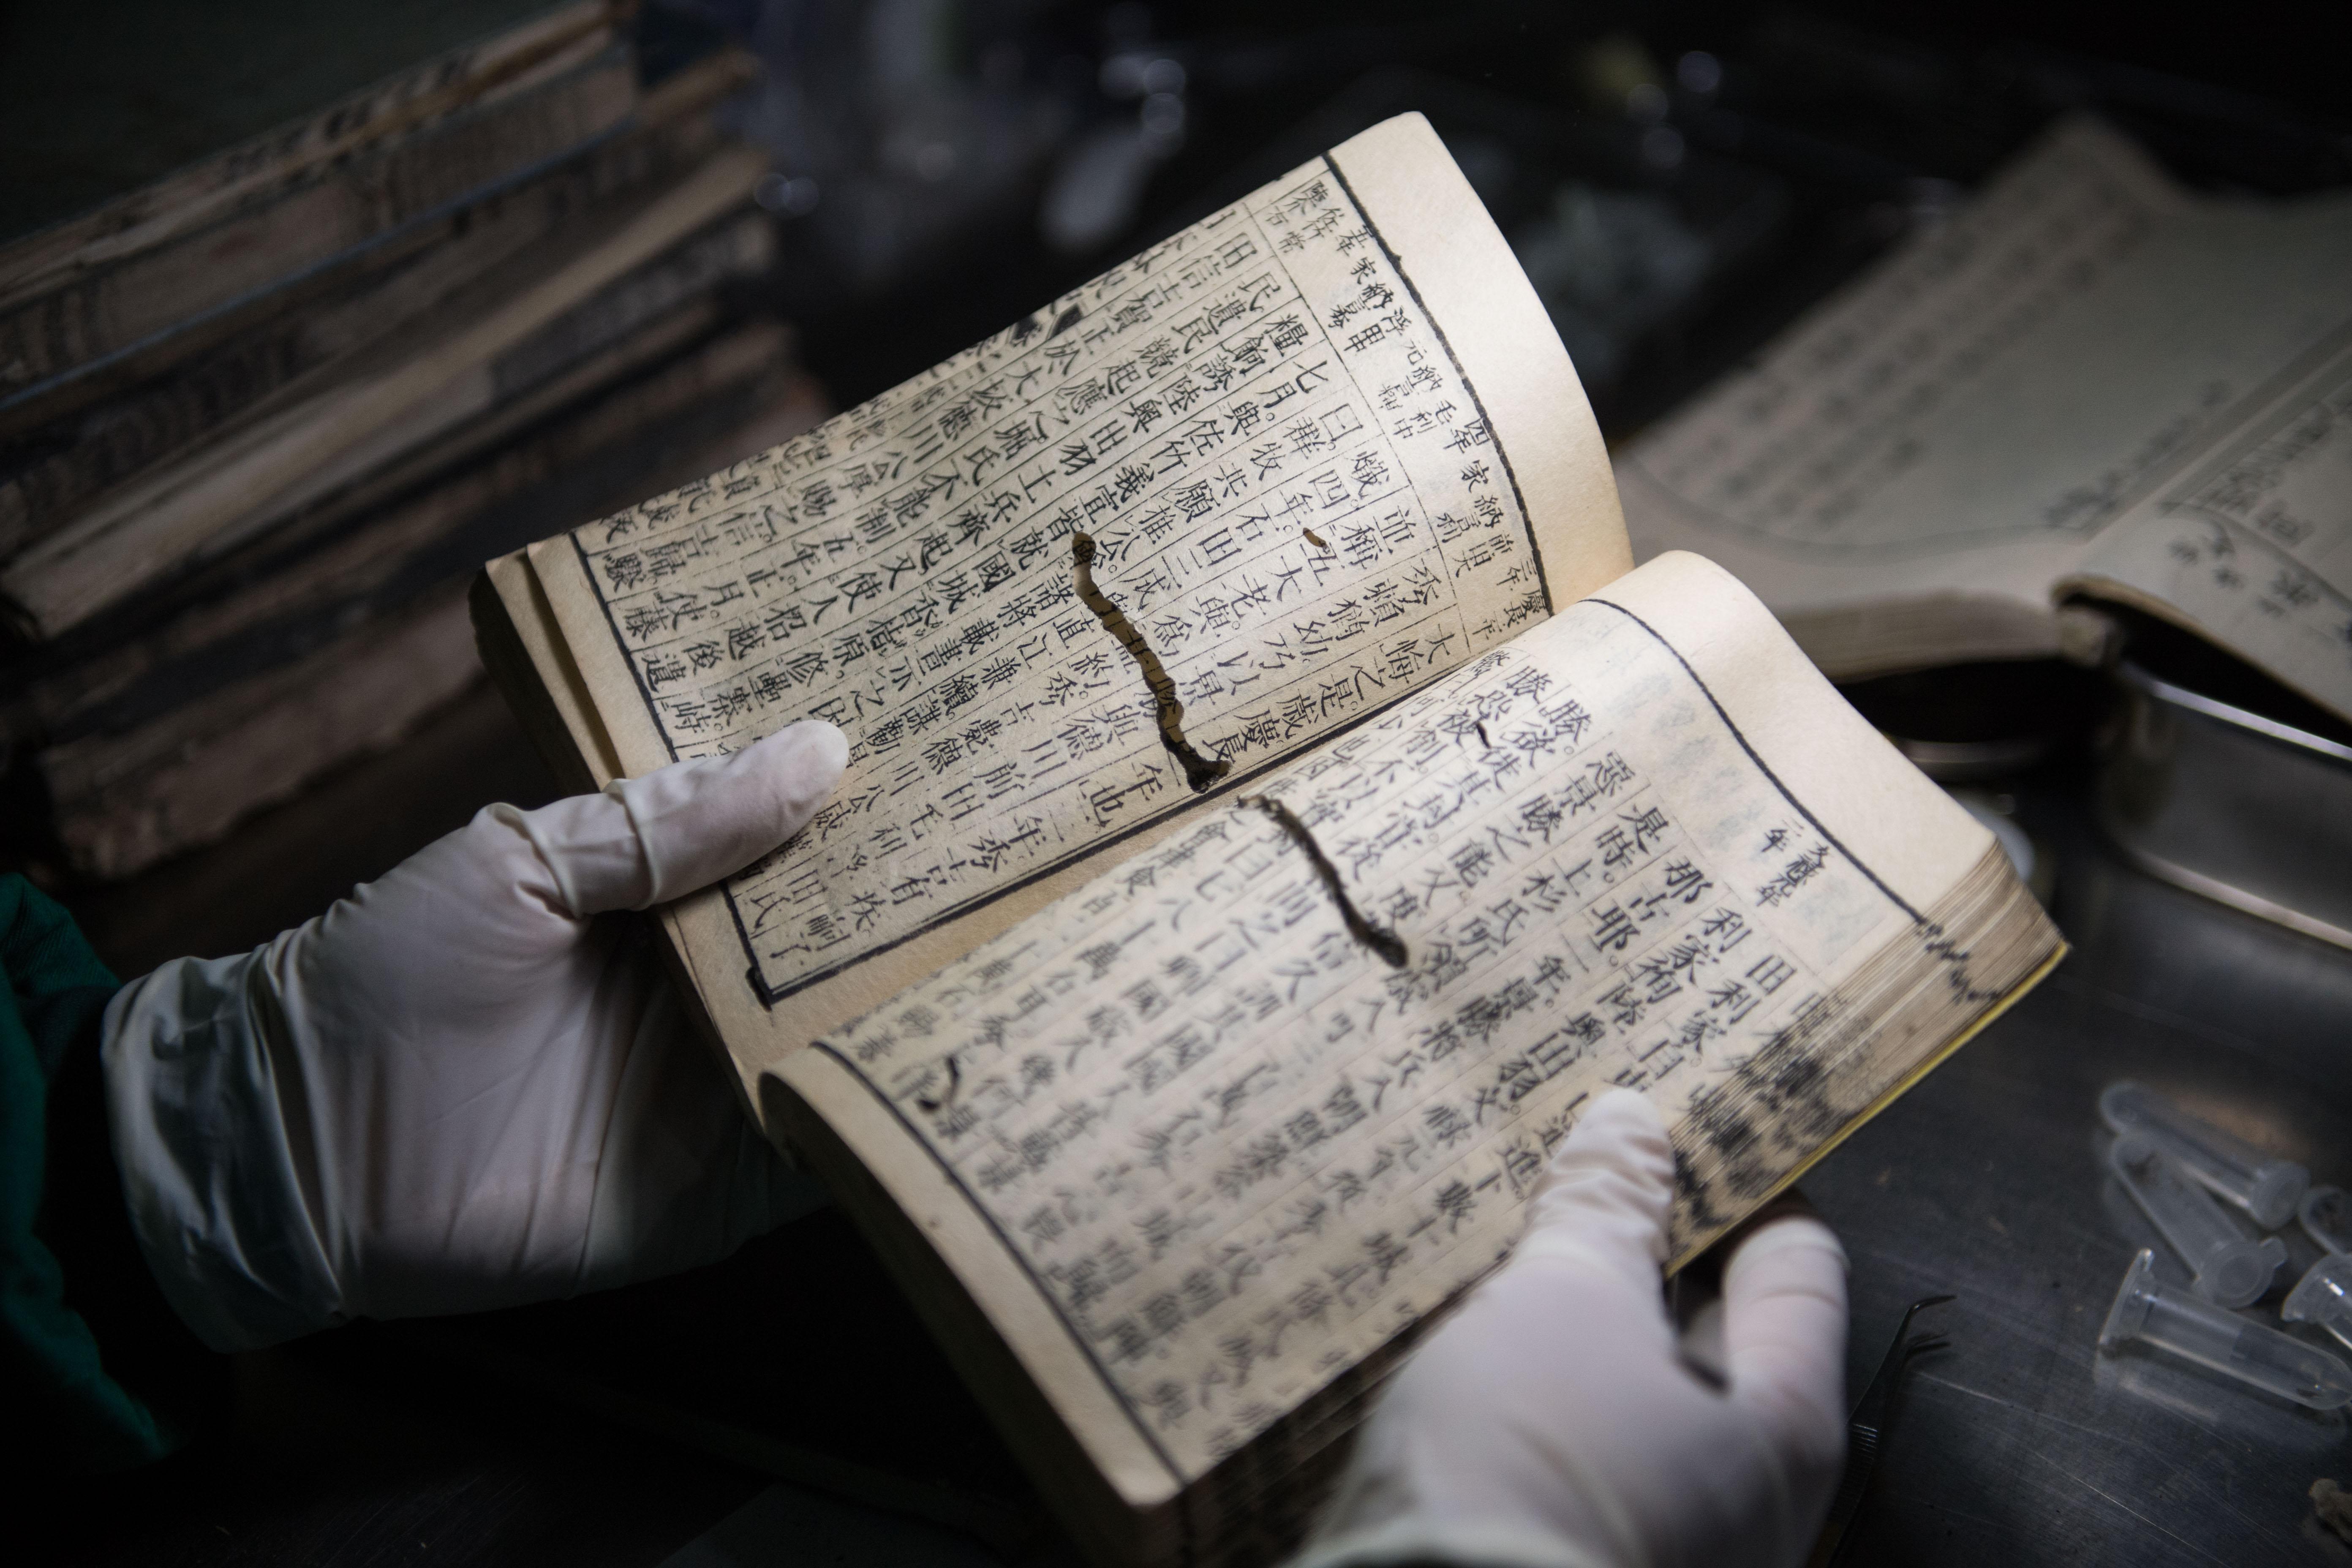 日本から送られた虫食い被害が深刻な古書を押収 中国・長沙税関